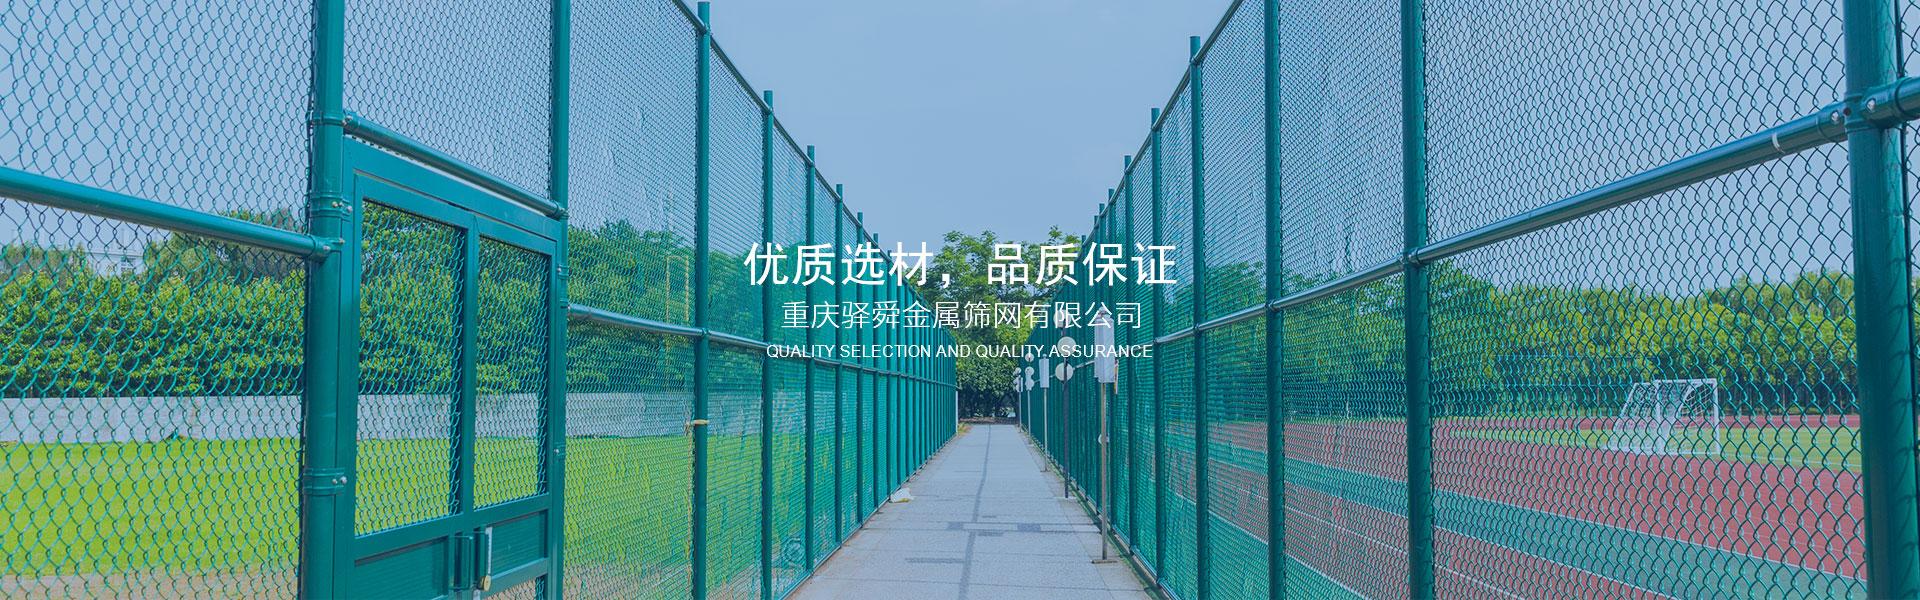 重庆围栏厂家